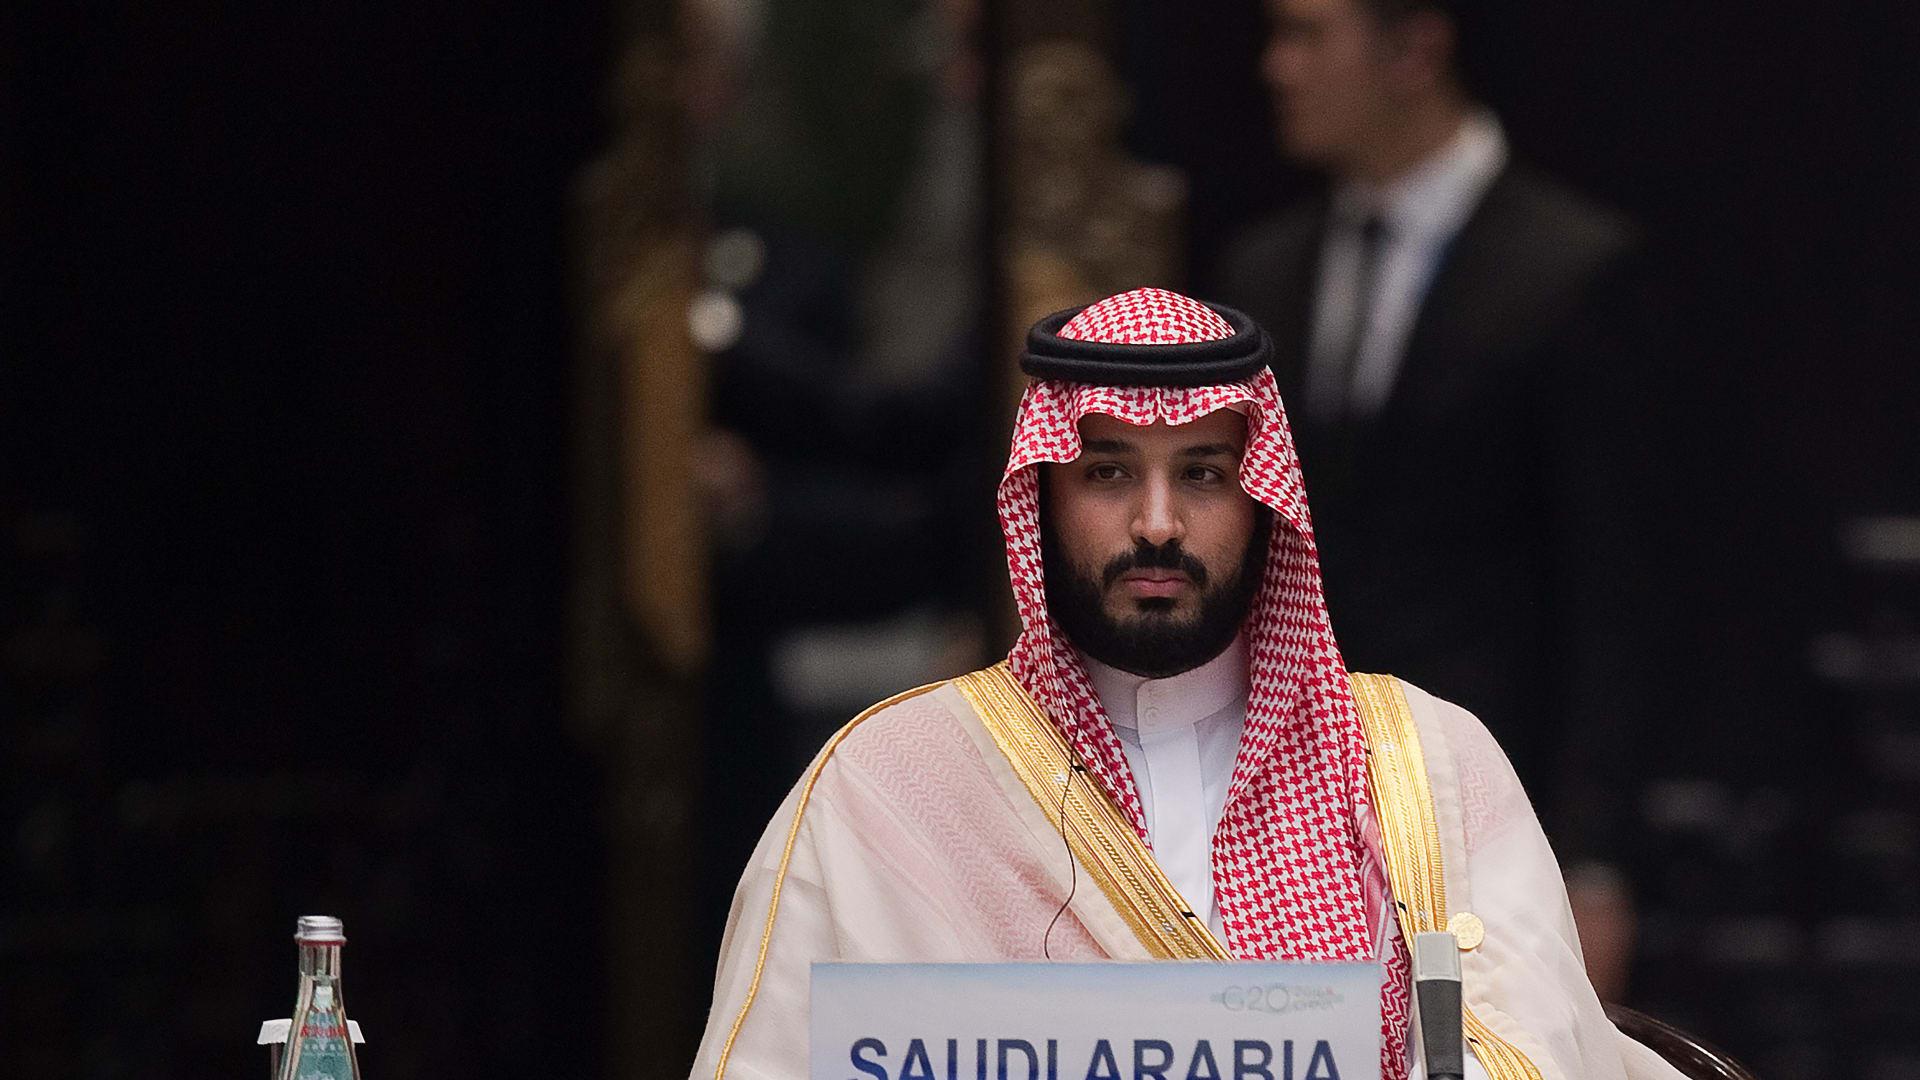 ولي العهد السعودي الأمير محمد بن سلمان في اجتماع لمجموعة العشرين